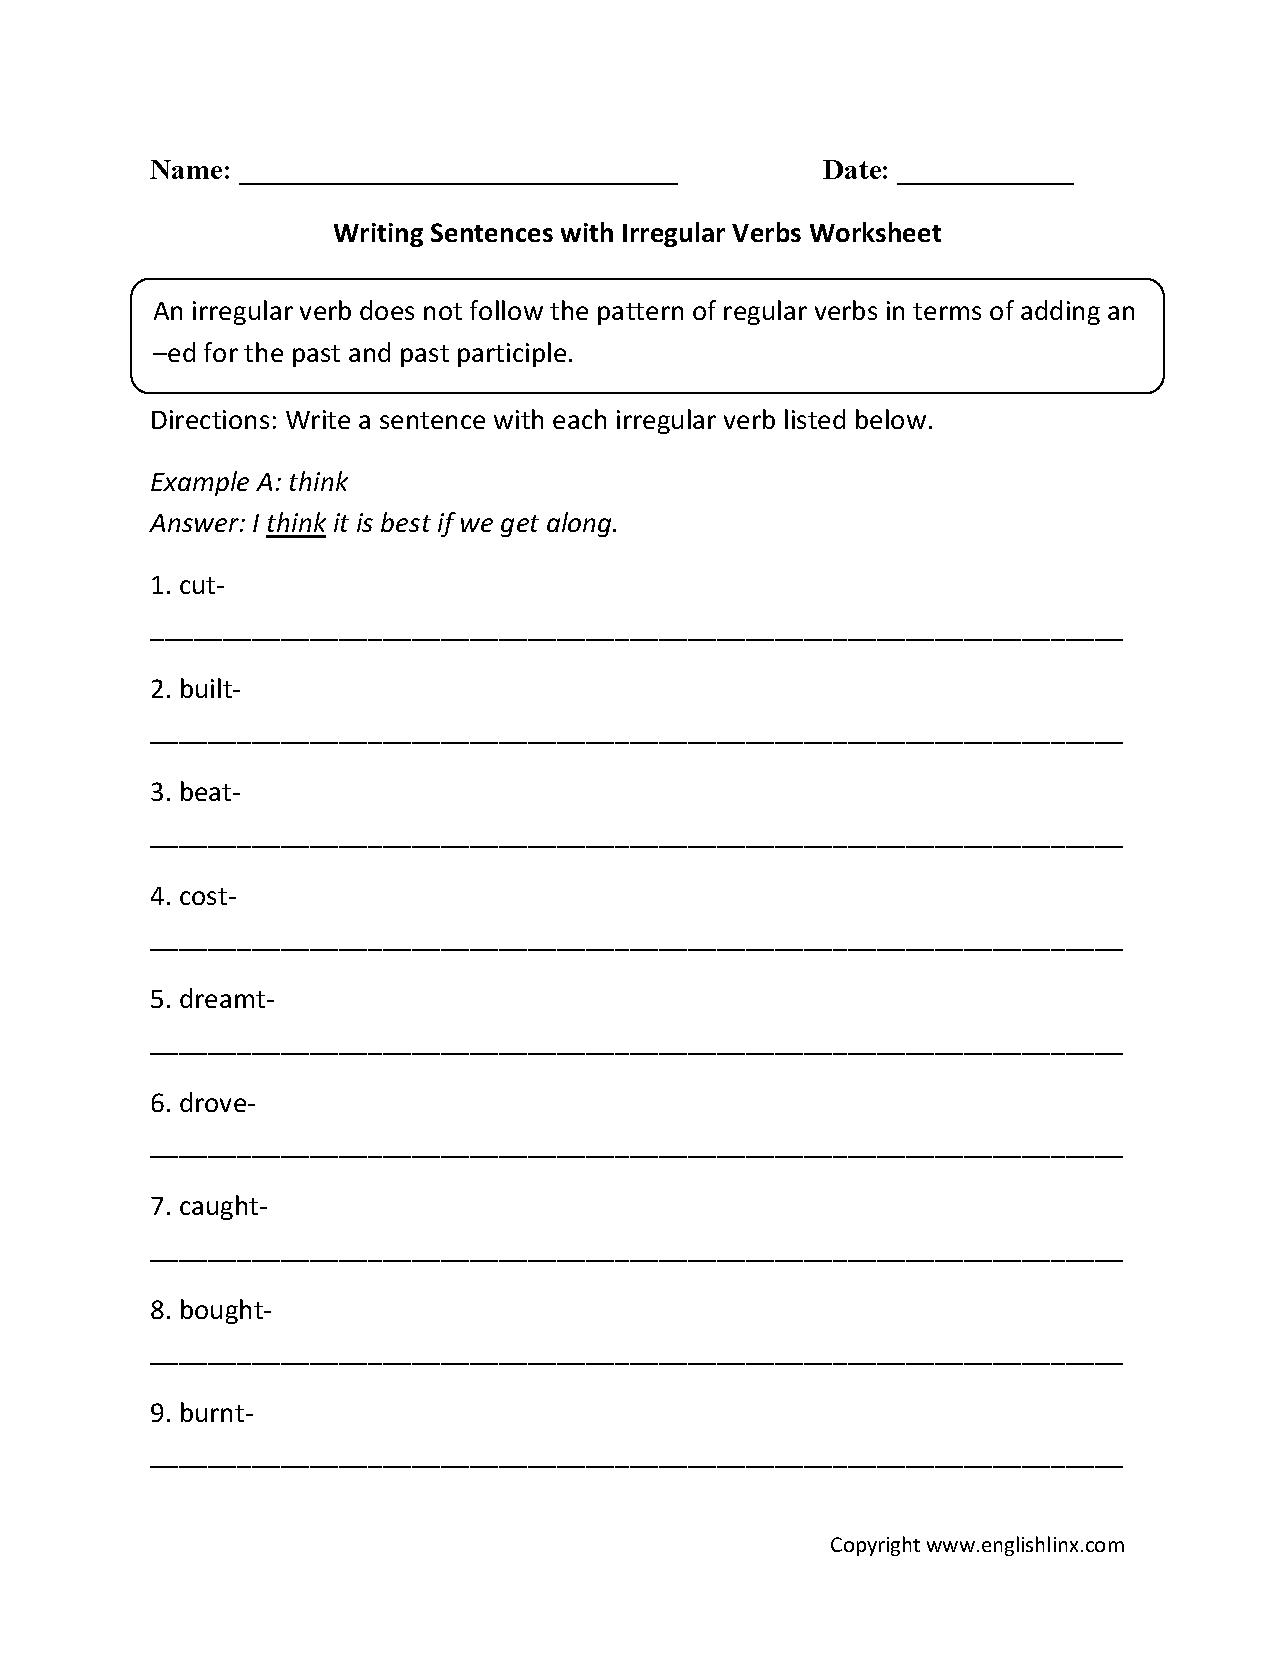 Writing Sentences With Irregular Verbs Worksheets Verb Worksheets Irregular Verbs Verb [ 1662 x 1275 Pixel ]